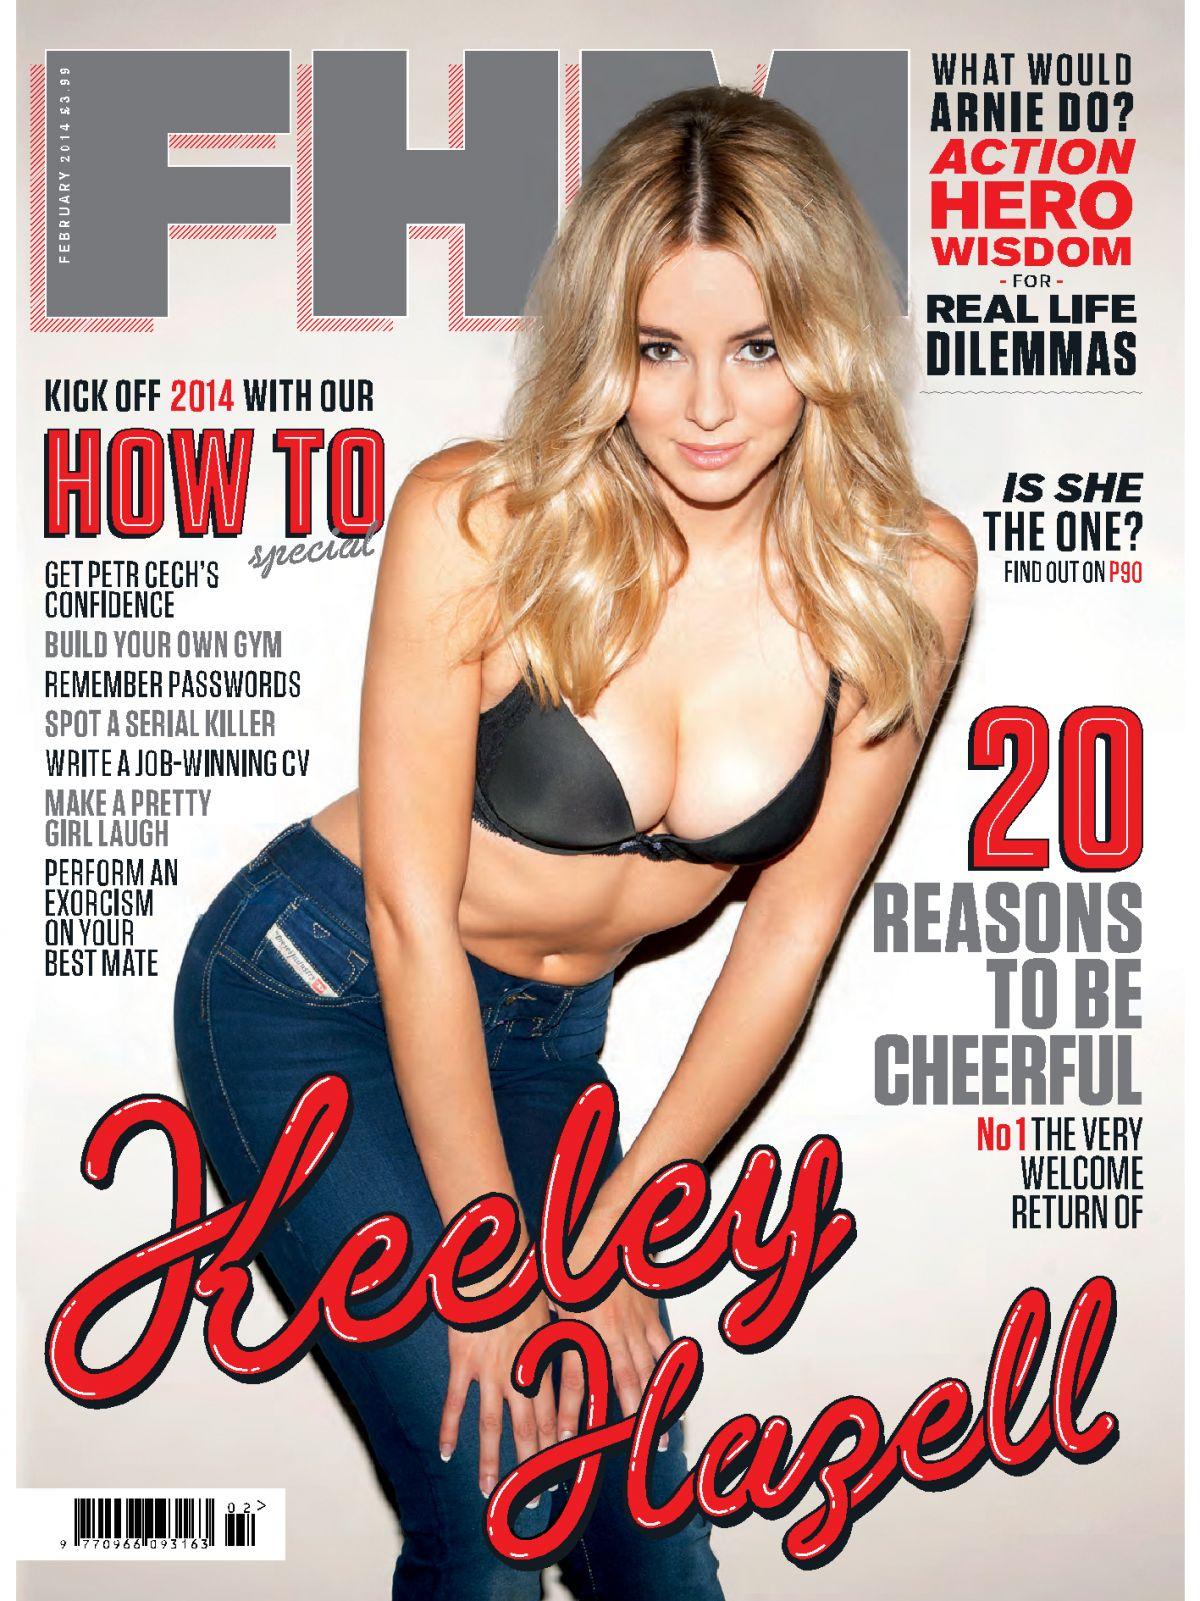 KEELEY HAZELL in FHM Magazine, UK February 2014 Issue